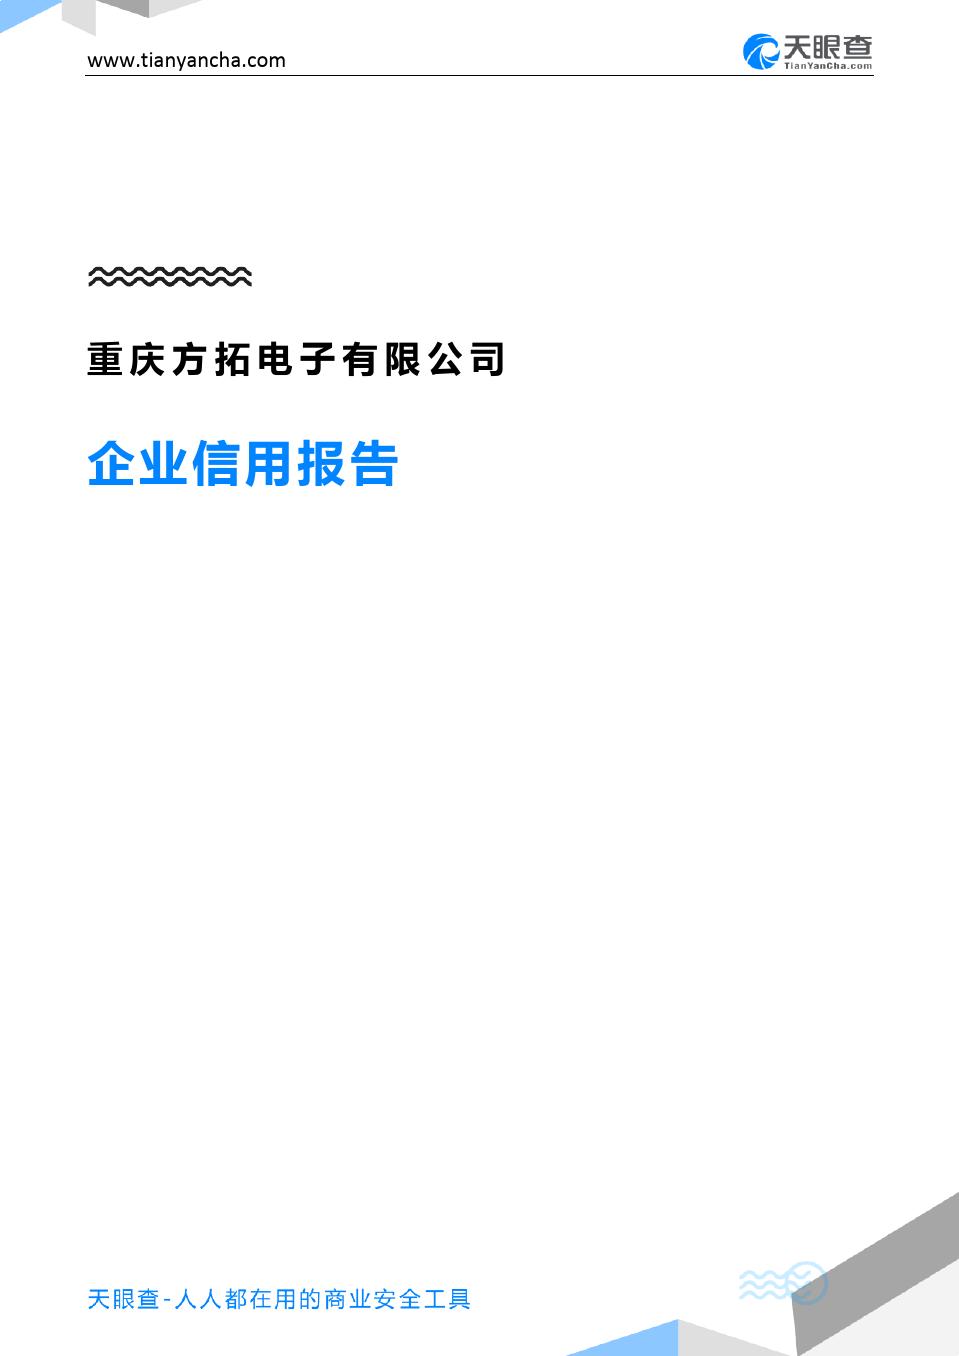 重庆方拓电子有限公司(企业信用报告)- 天眼查